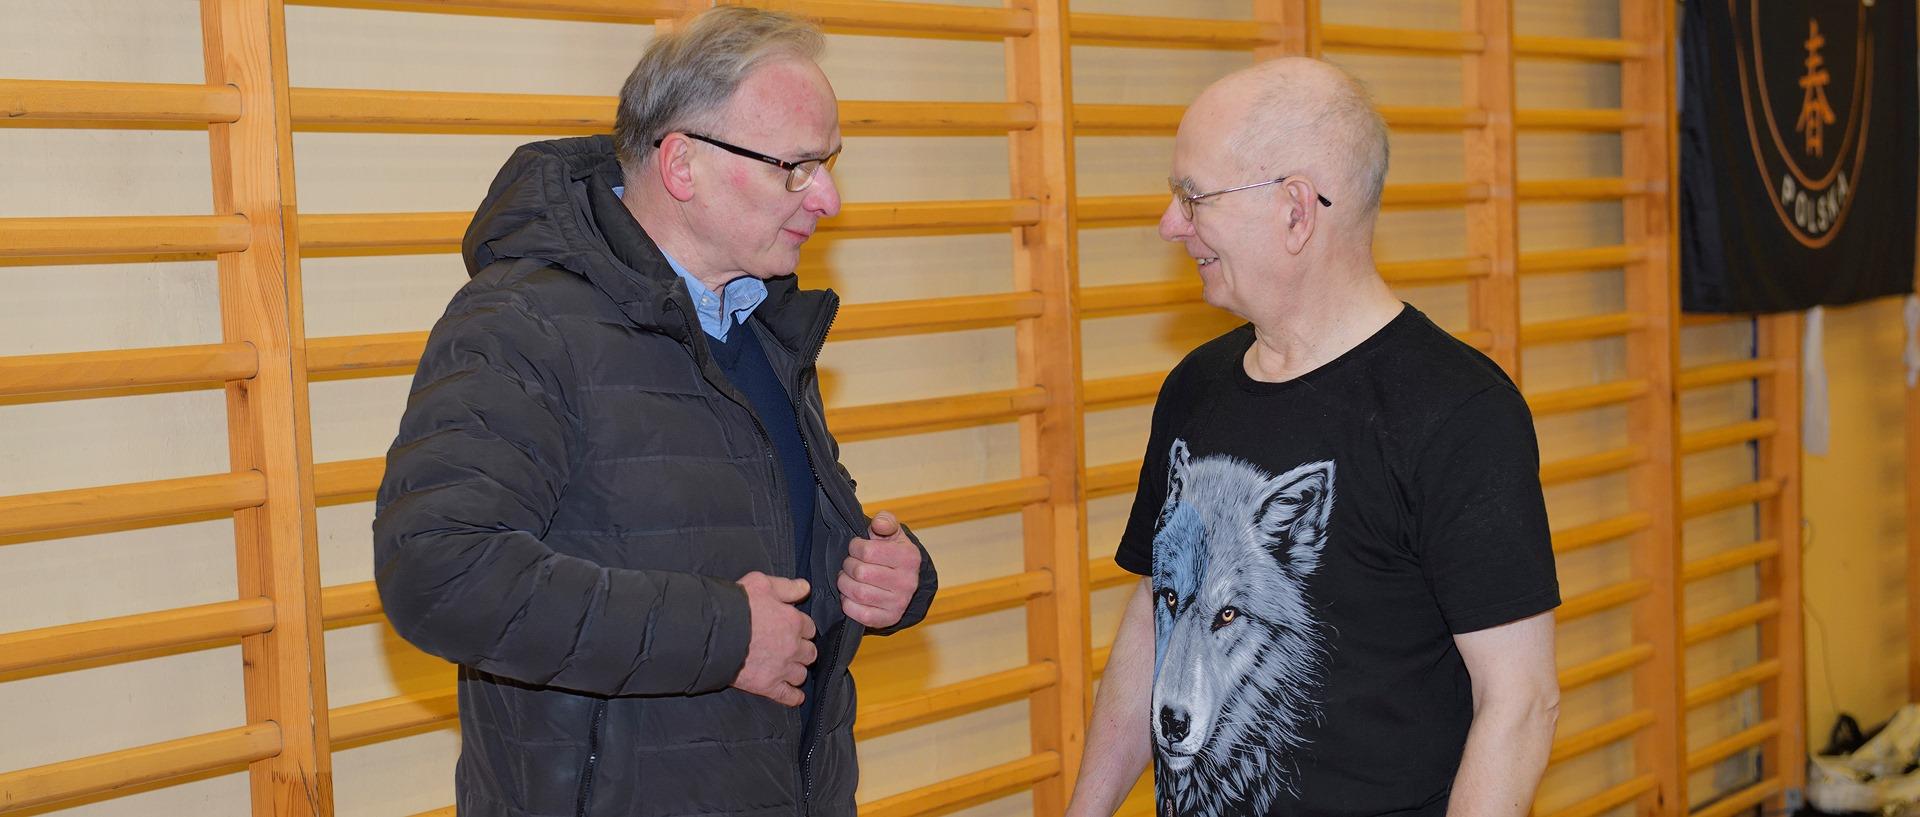 Artur Rychta - Warszawa 23.01.2020 - 14